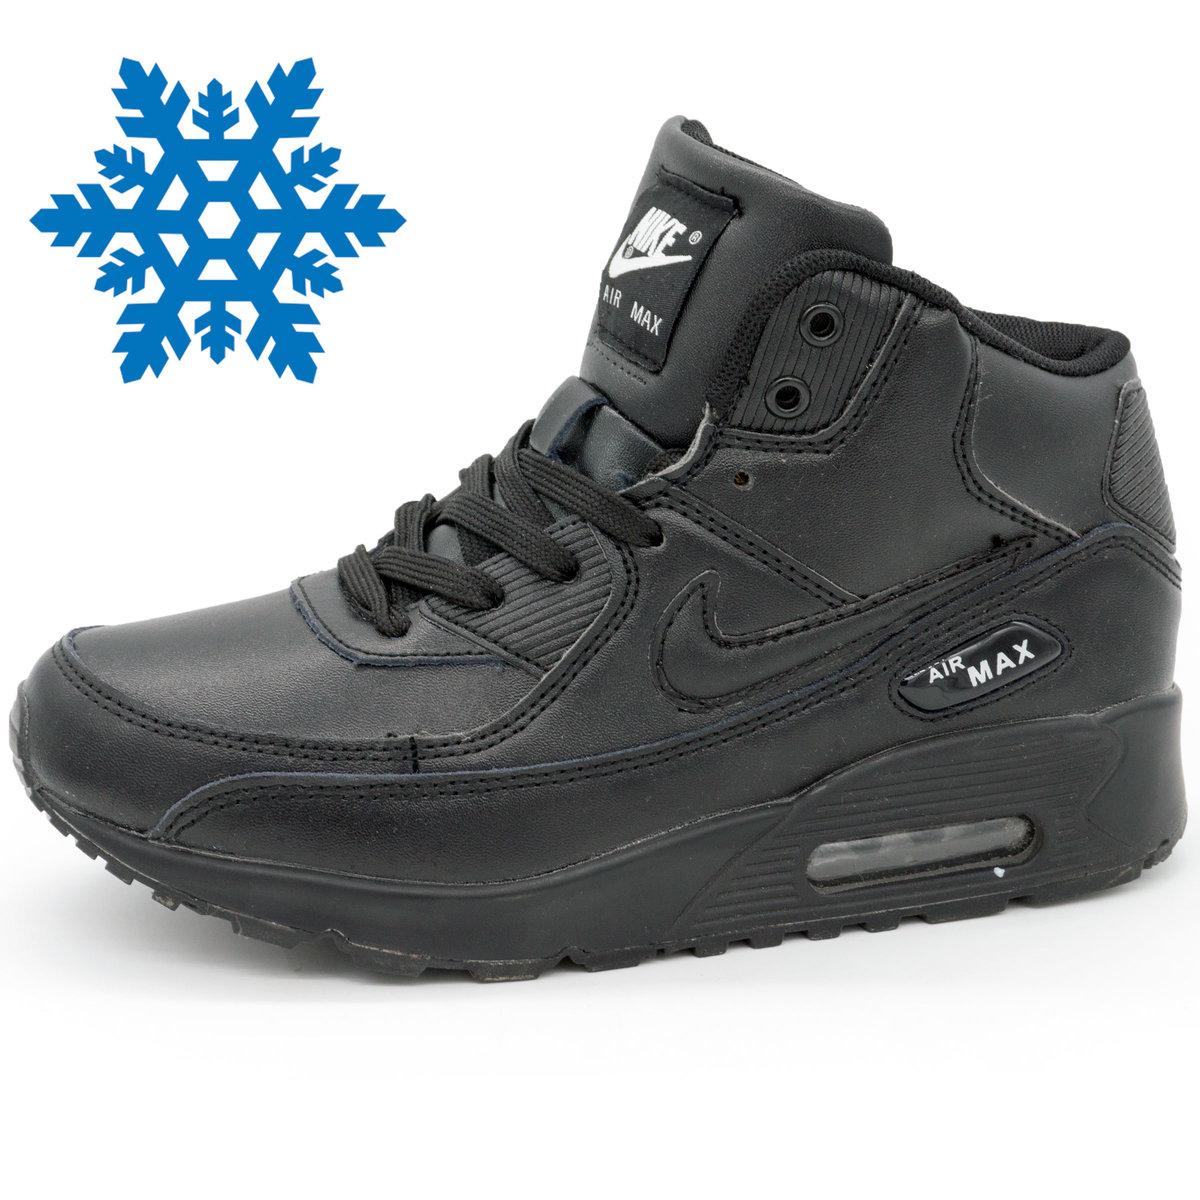 Кроссовки Nike зимние. Зимние кроссовки мужские nike купить в украине  Перейти на официальный сайт производителя 9662d8b269c